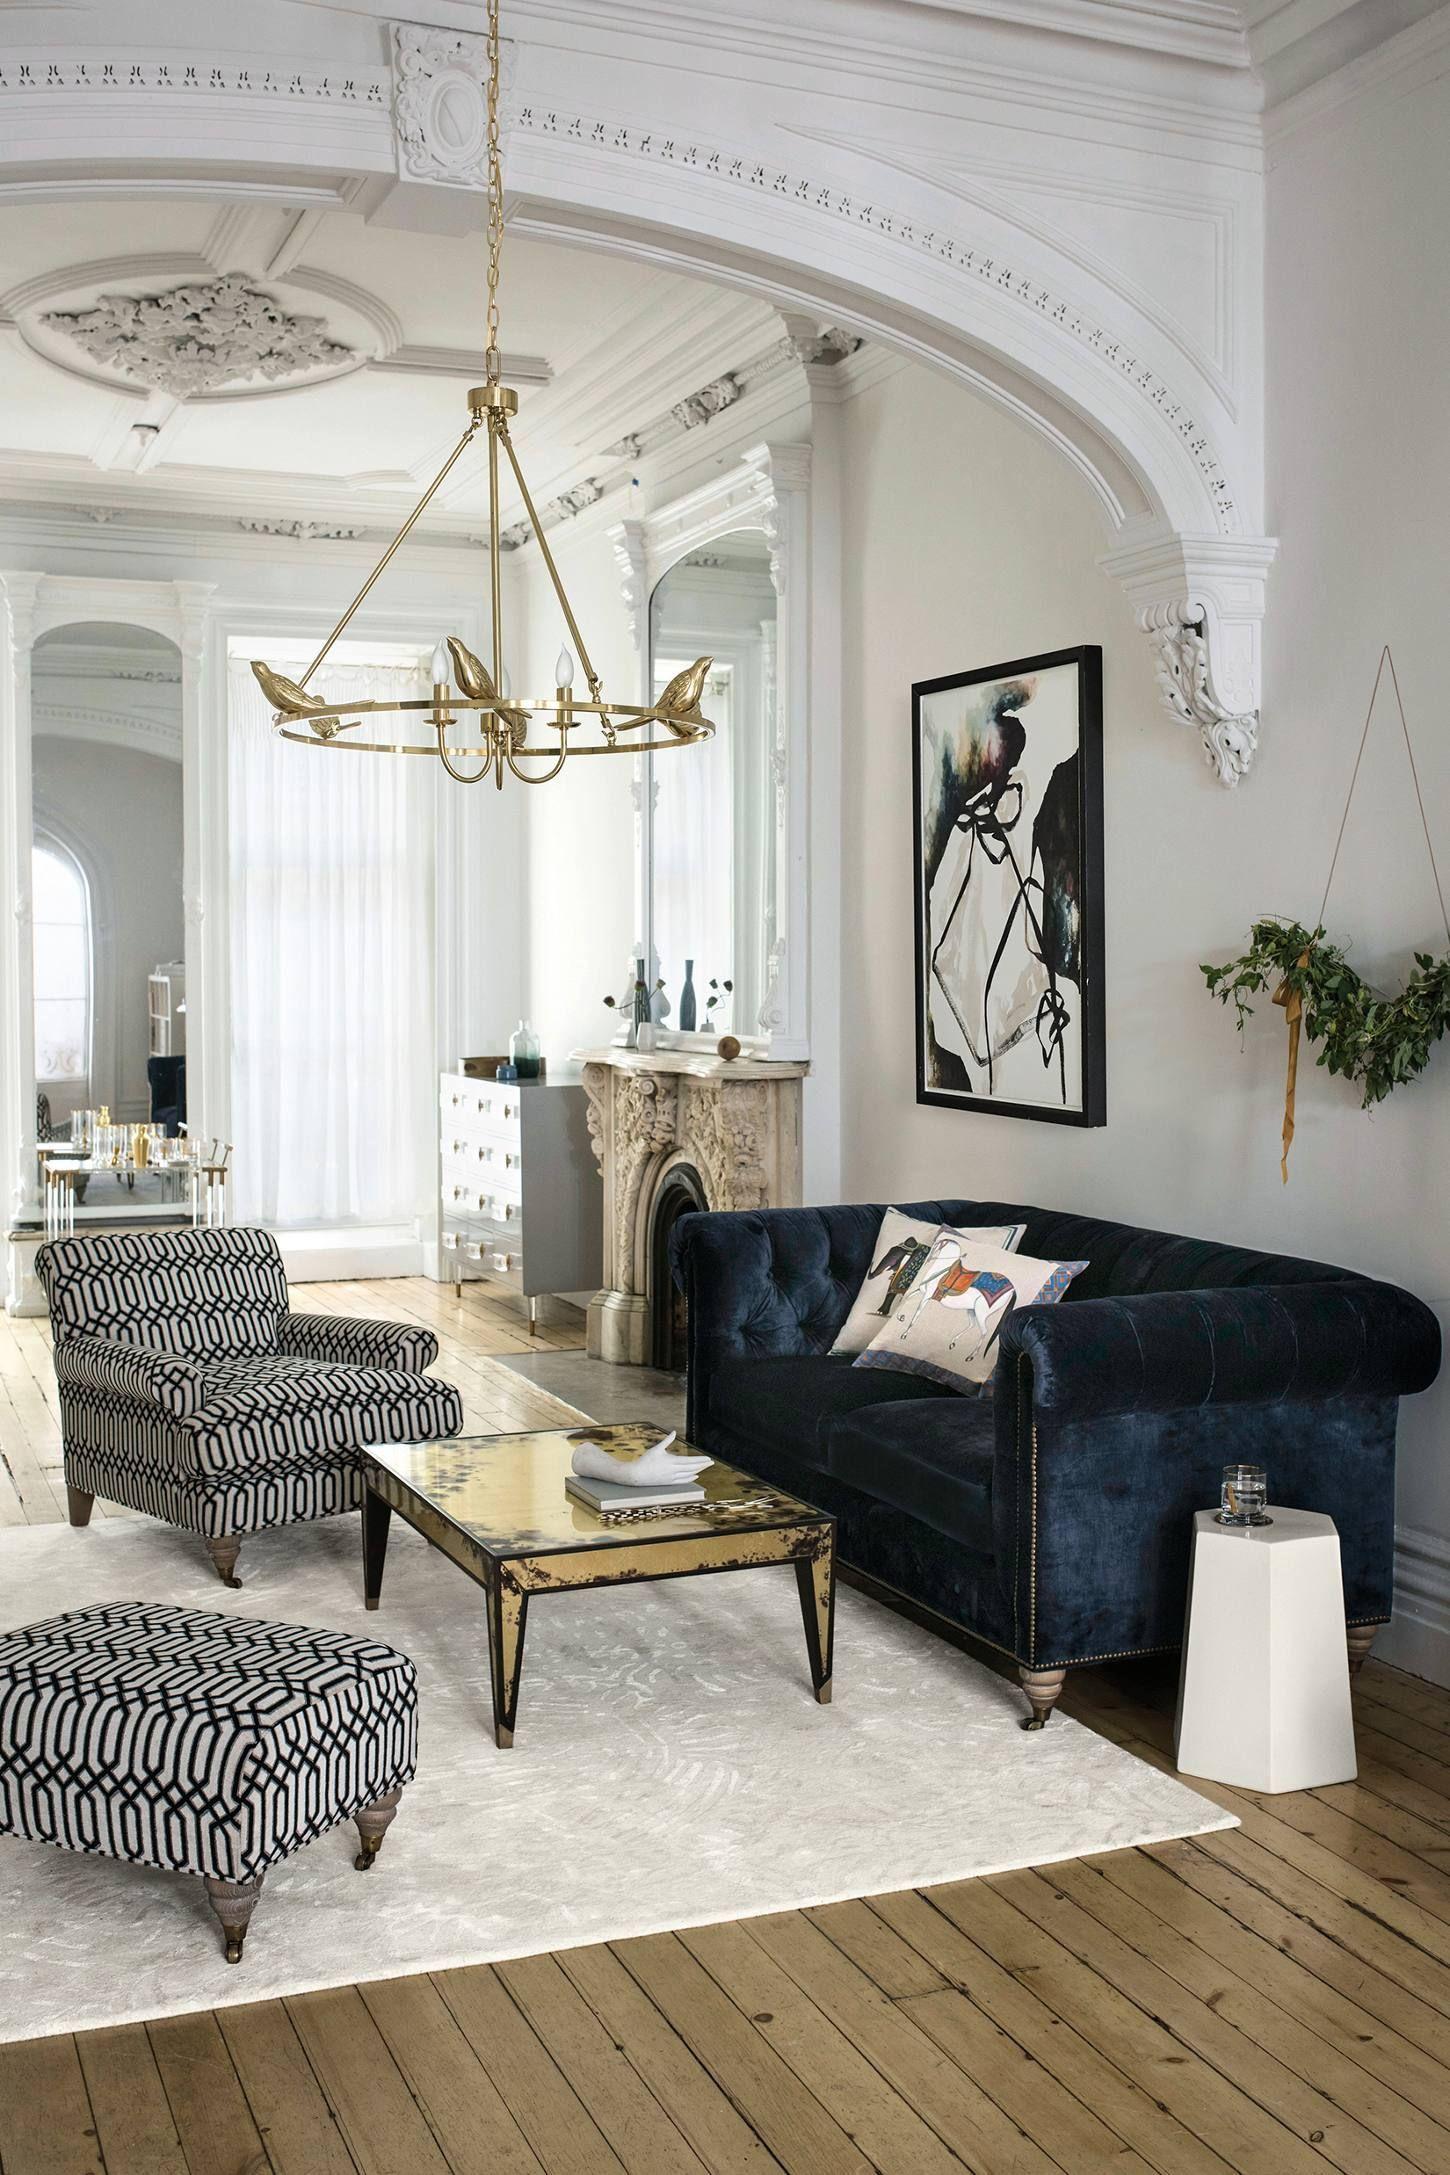 Decoration Salon Chesterfield 2021 Di 2020 Dekorasi Rumah Elegan Ruang Tamu Modern Desain Kamar